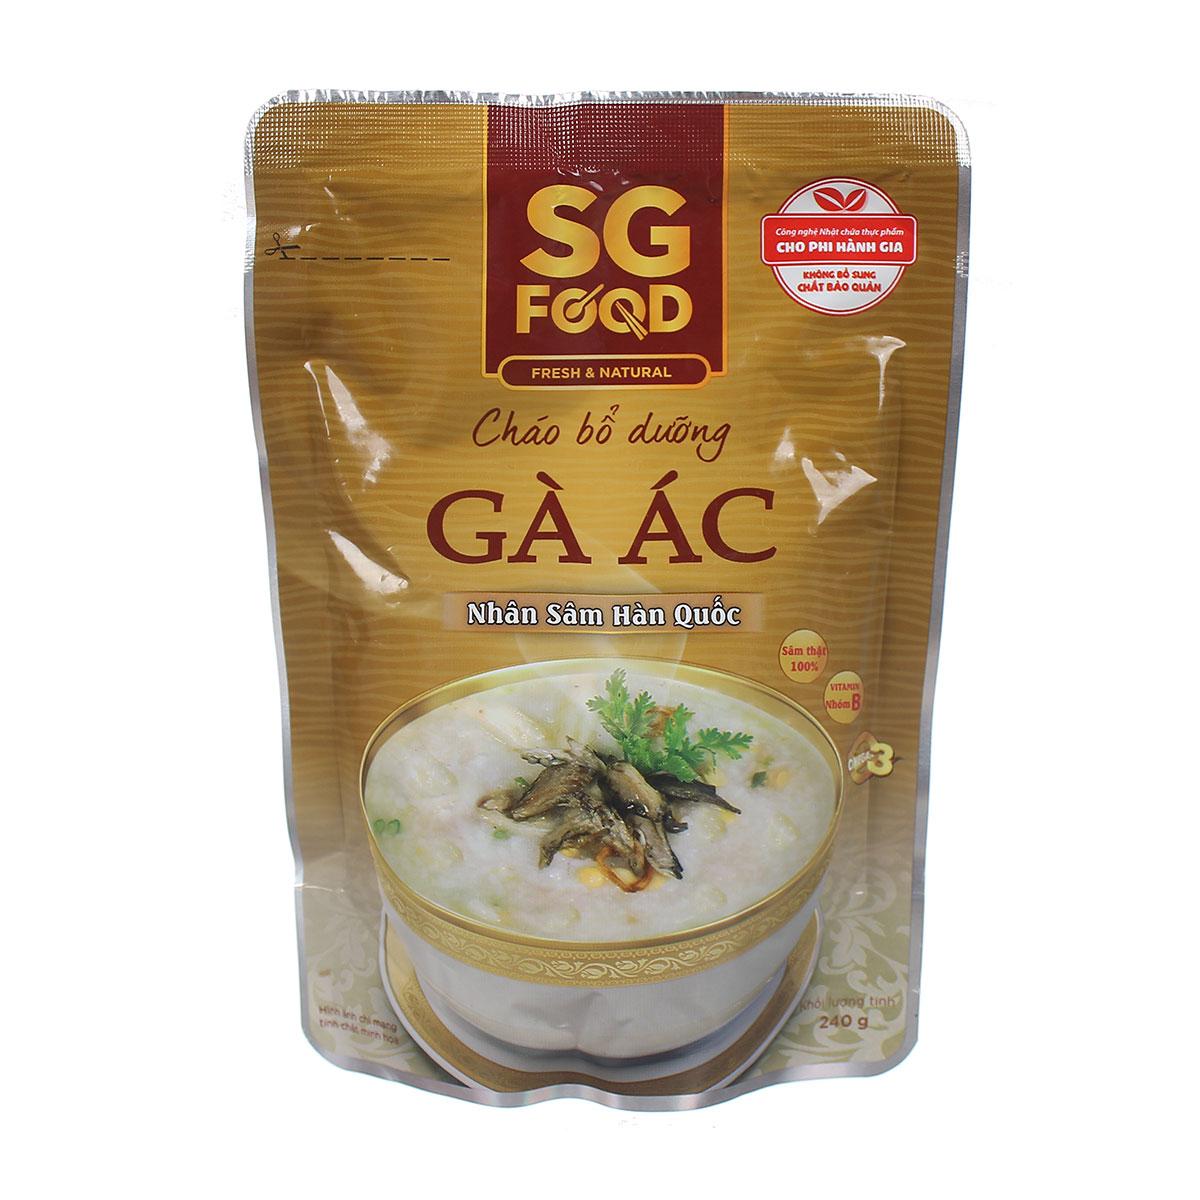 Cháo bổ dưỡng Sài Gòn Food vị gà ác nhân sâm 240g